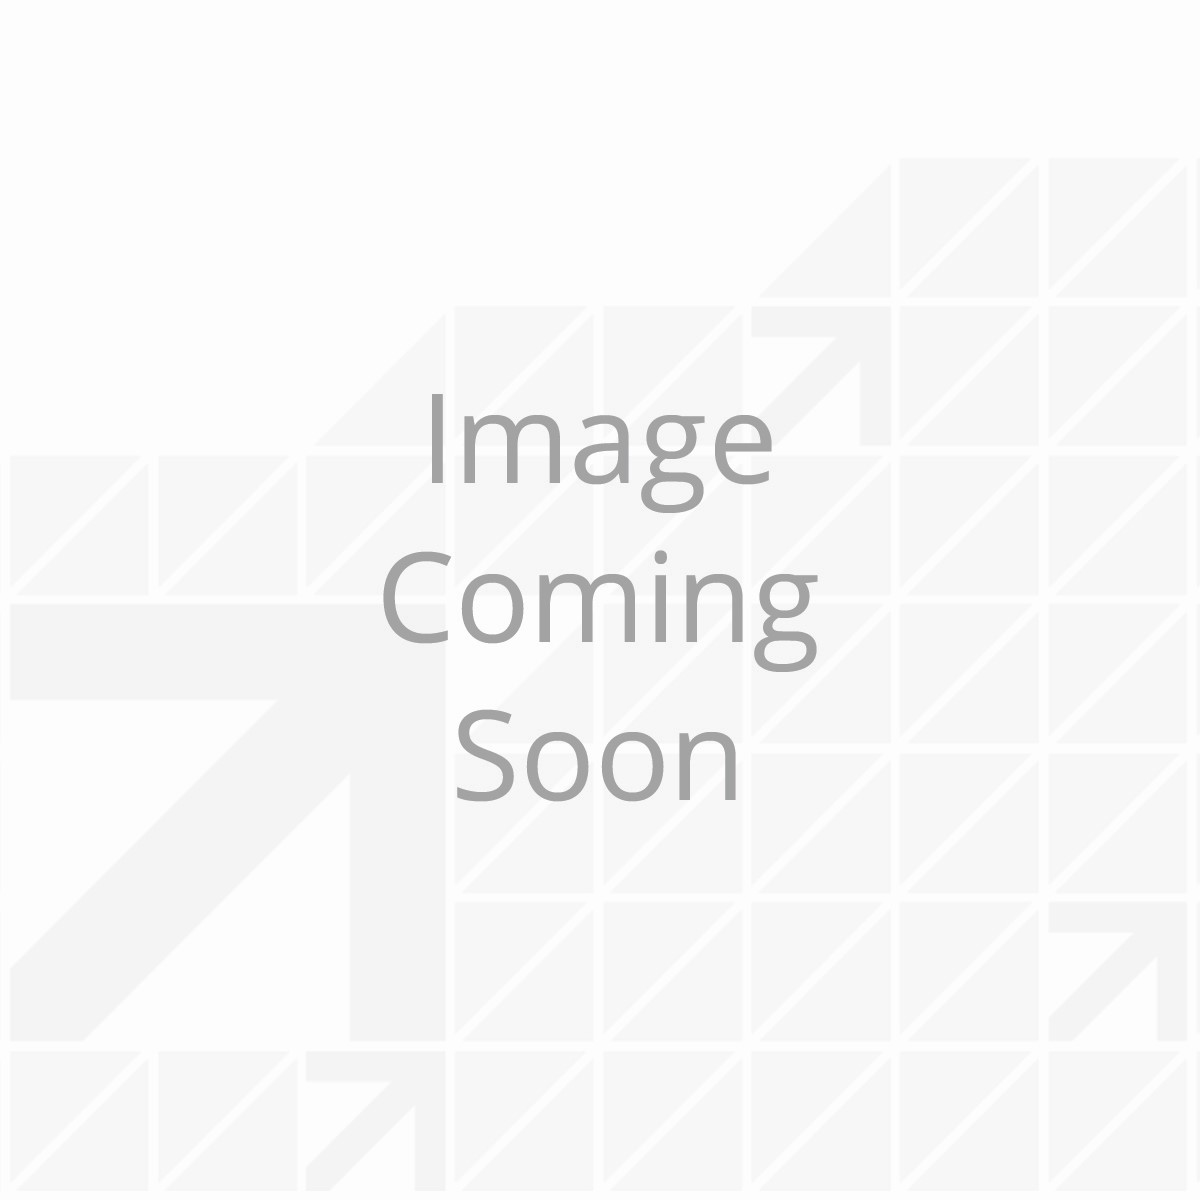 136453_-_brake_adj_screw_kit_-_001